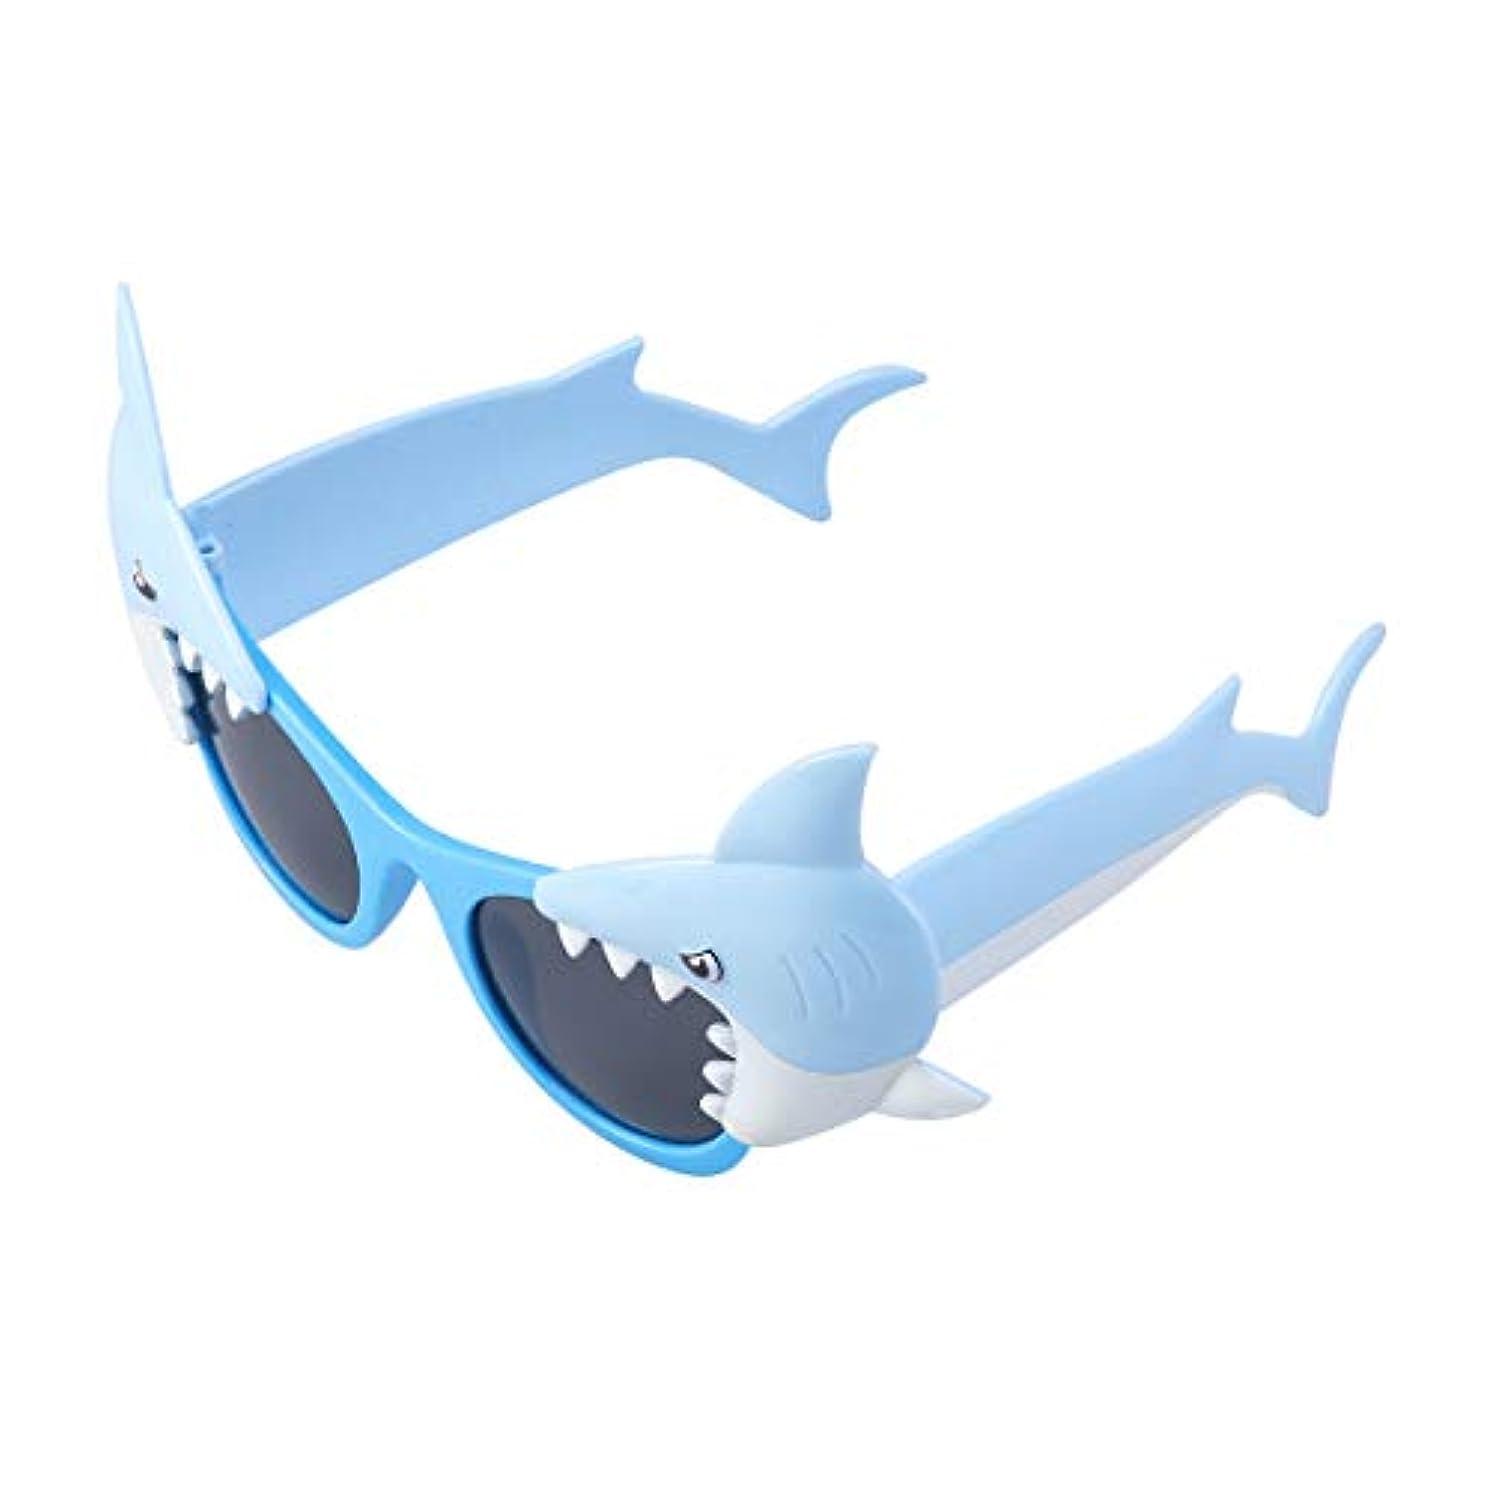 ポータル話一致BESTOYARD パーティーサングラスサメの形ノベルティおかしい眼鏡用仮装トリックパーティーコスチューム小道具